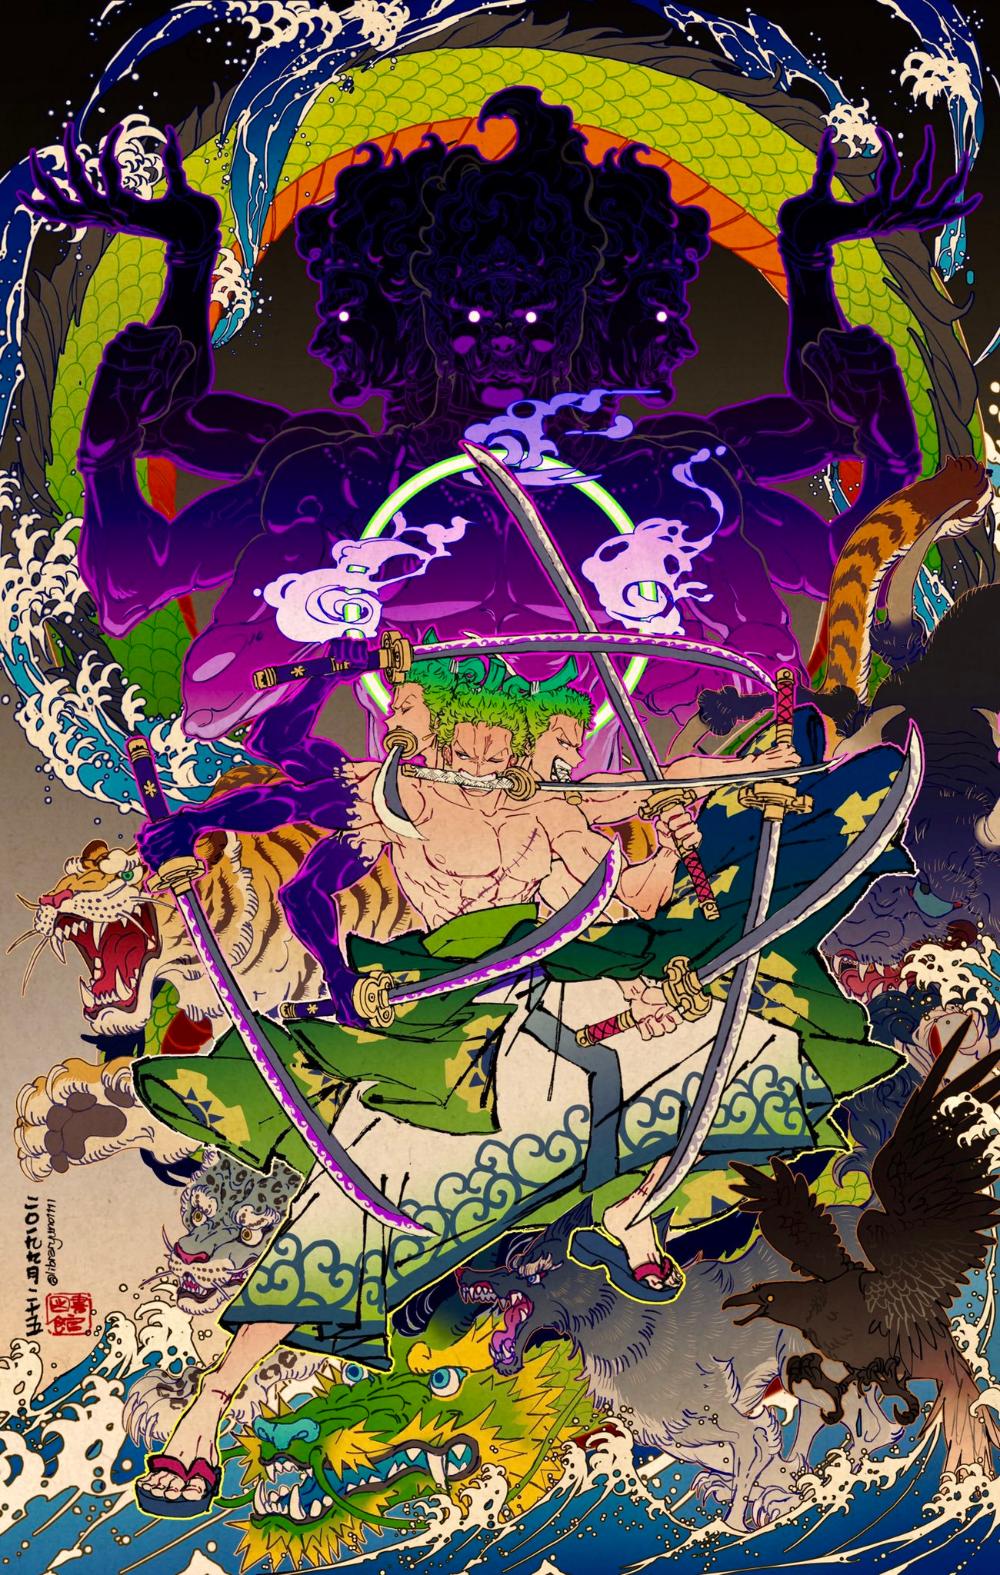 Fond D Ecran One Piece Hd Et 4k A Telecharger Gratuit En 2020 Anime One Piece Fond D Ecran Dessin Samurai Dessin